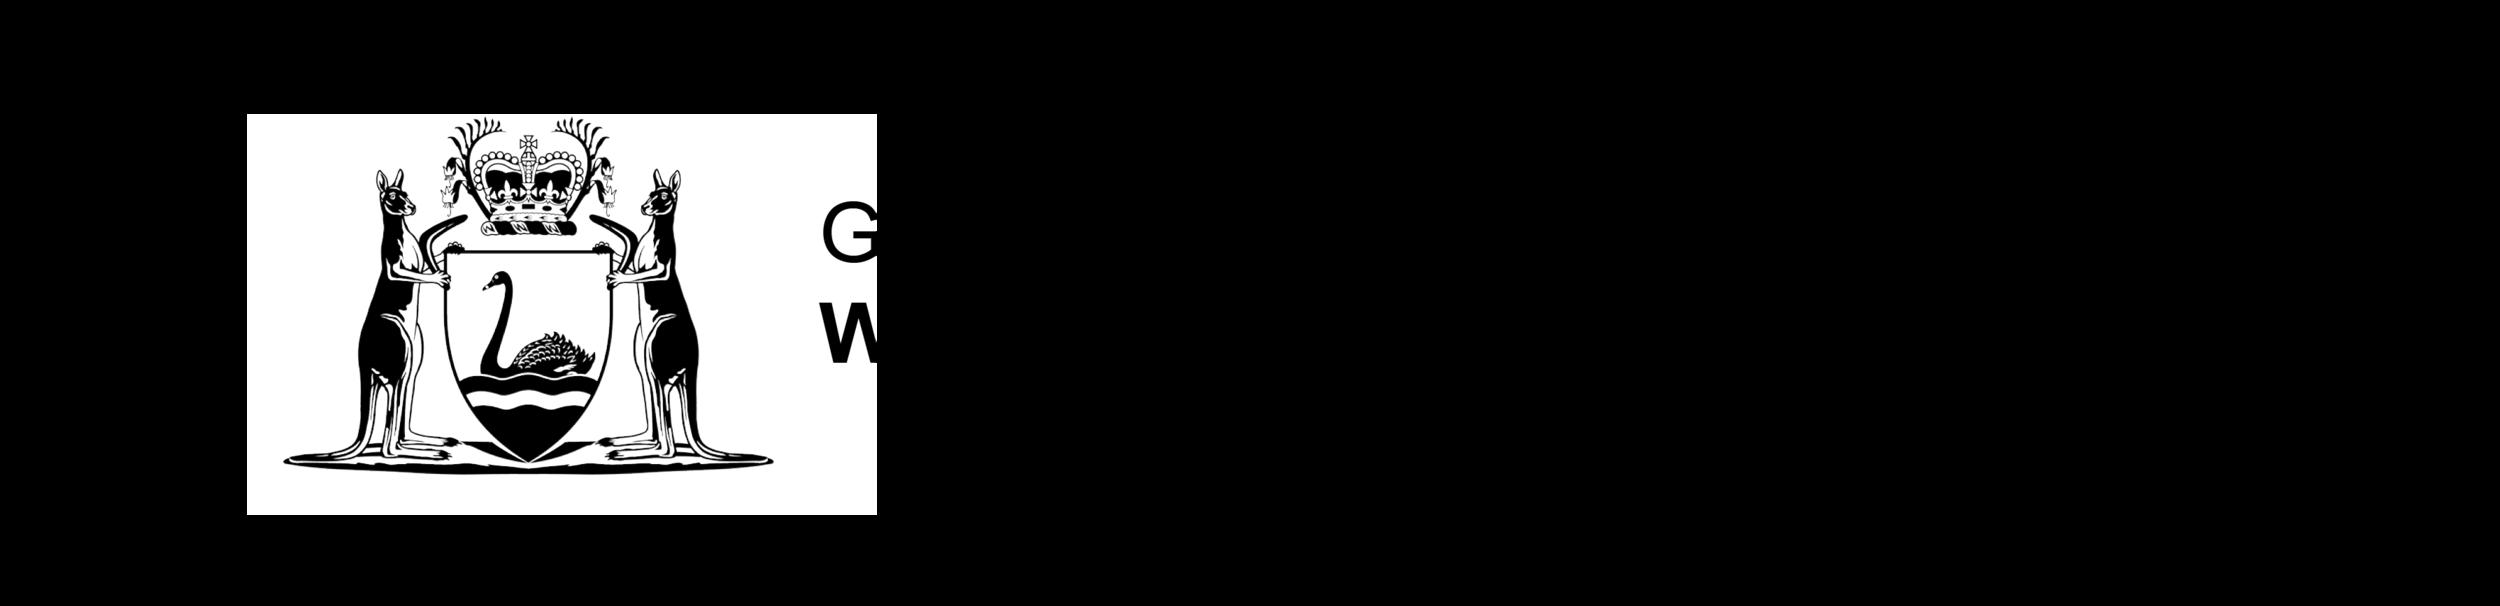 Footer logos4.png